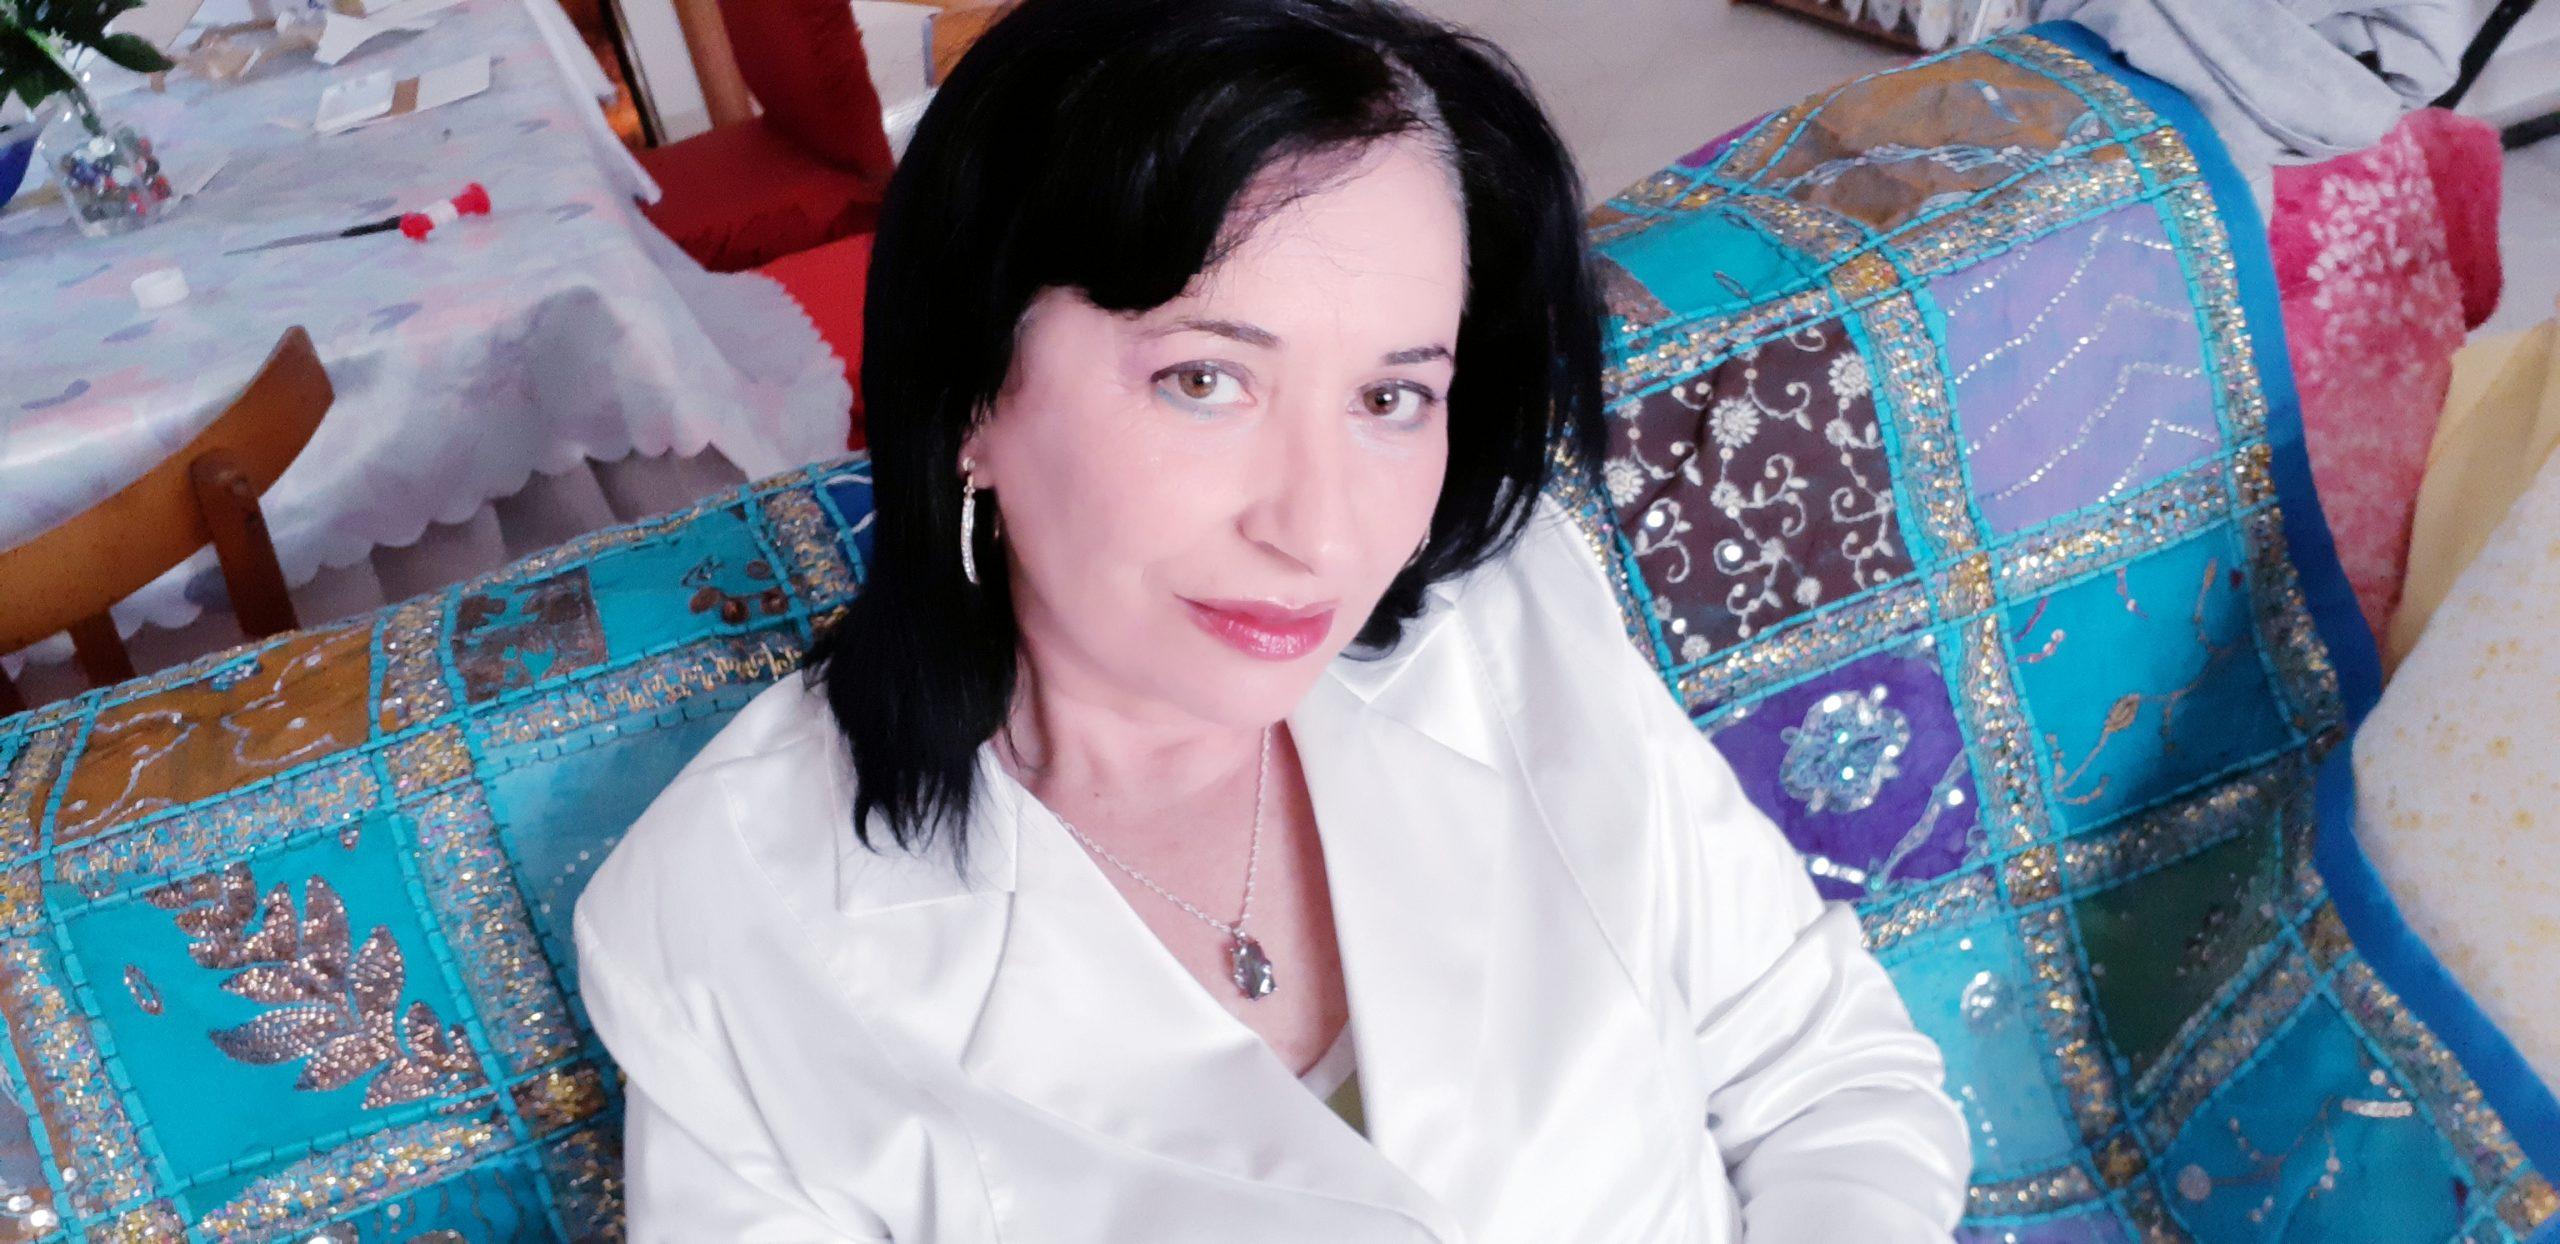 GiovannaPodda, la donna italiana vittima di esperimenti genetici alieni